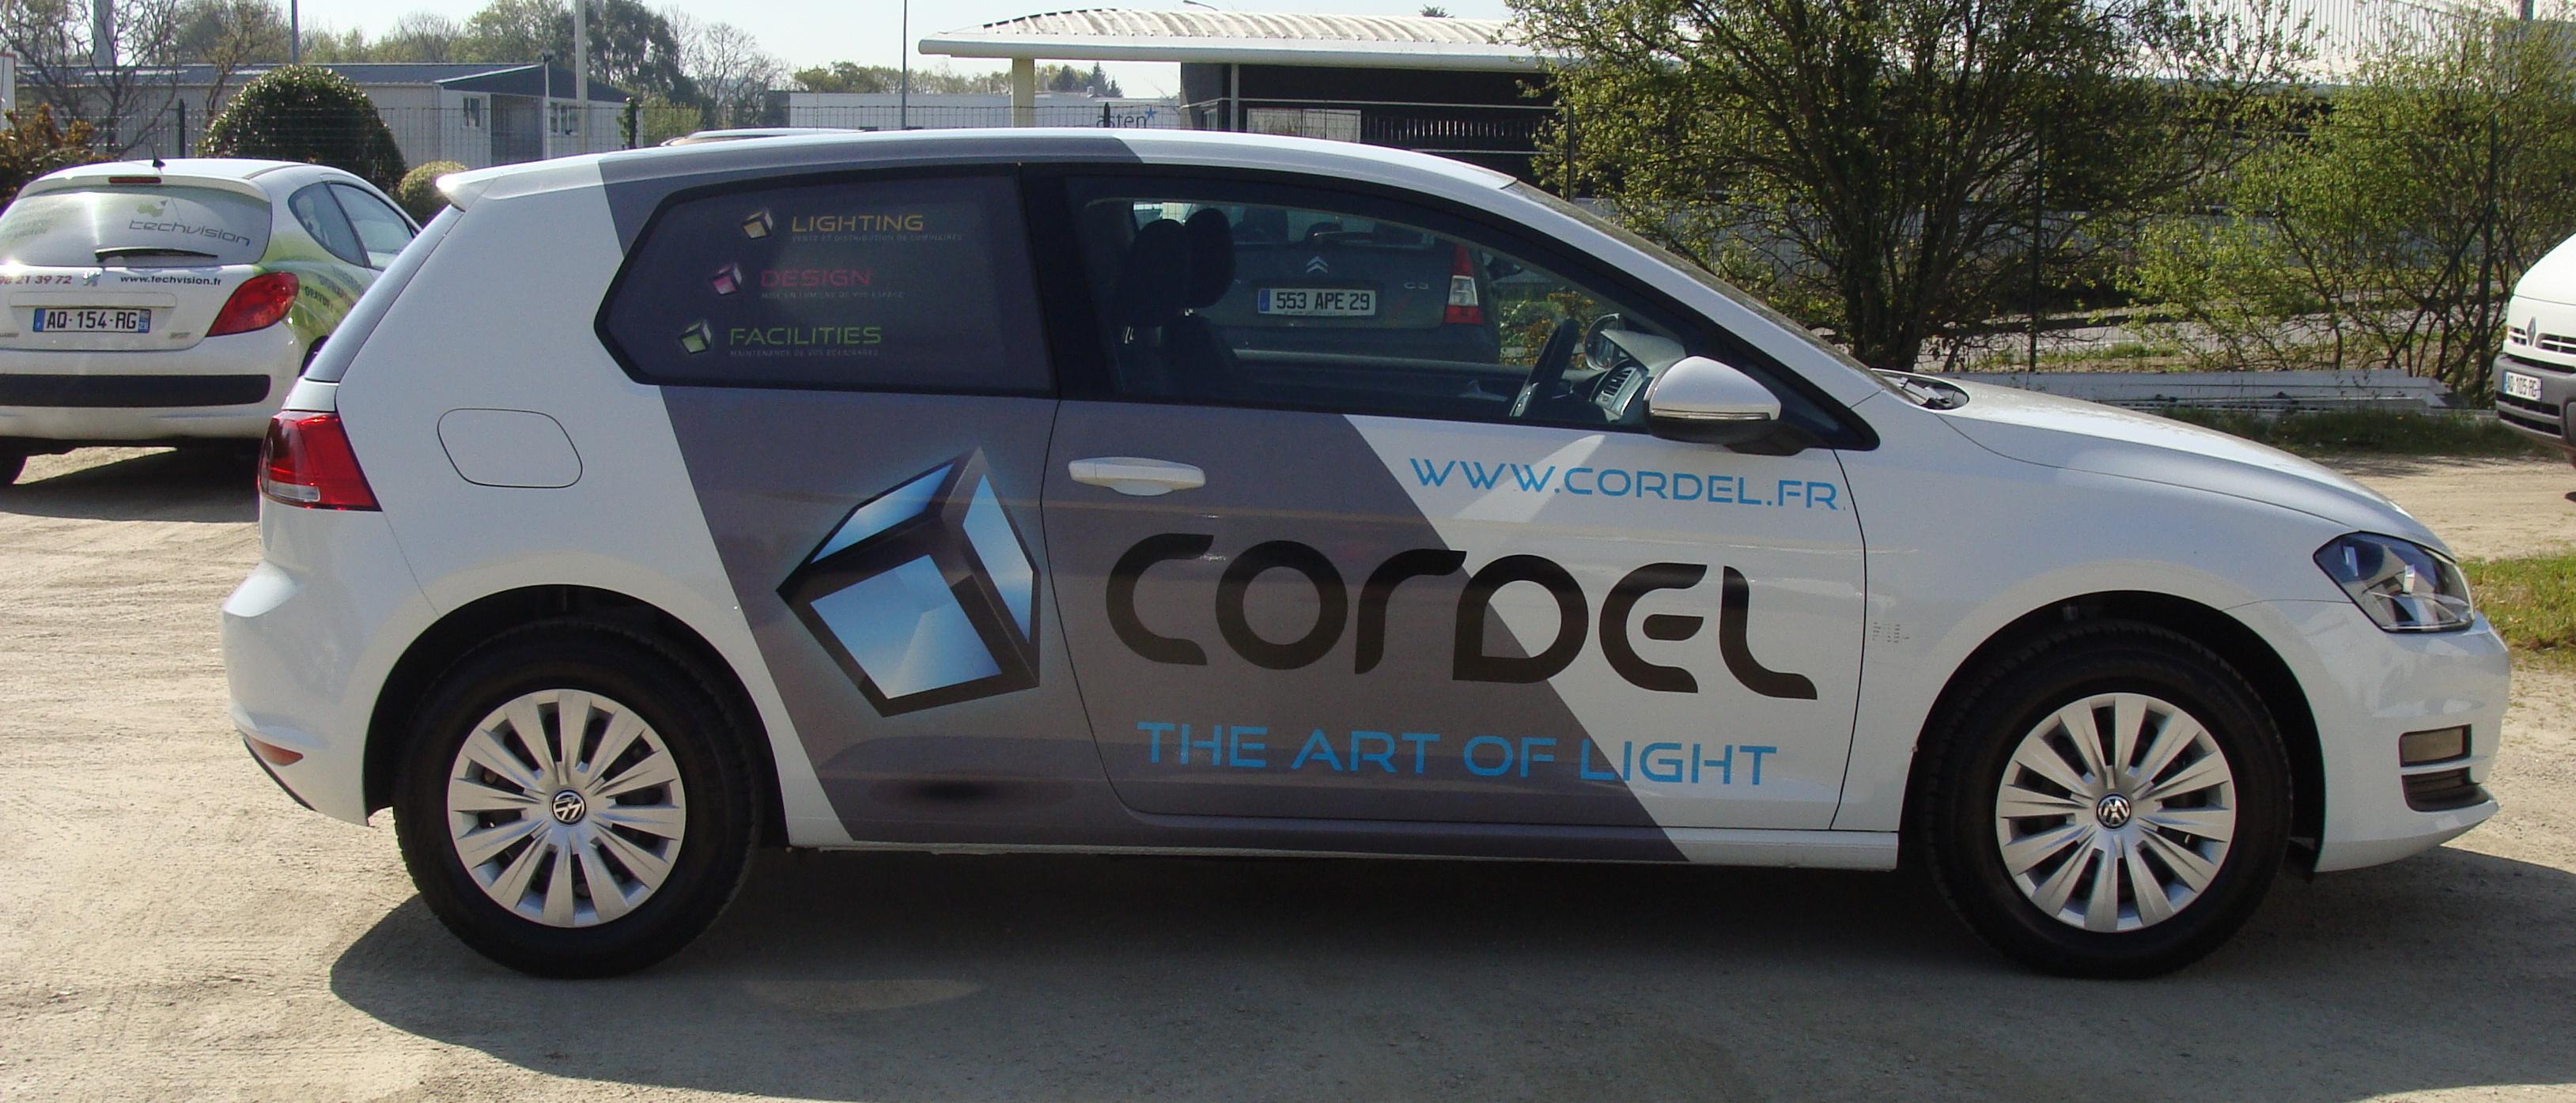 Cordel31235X530